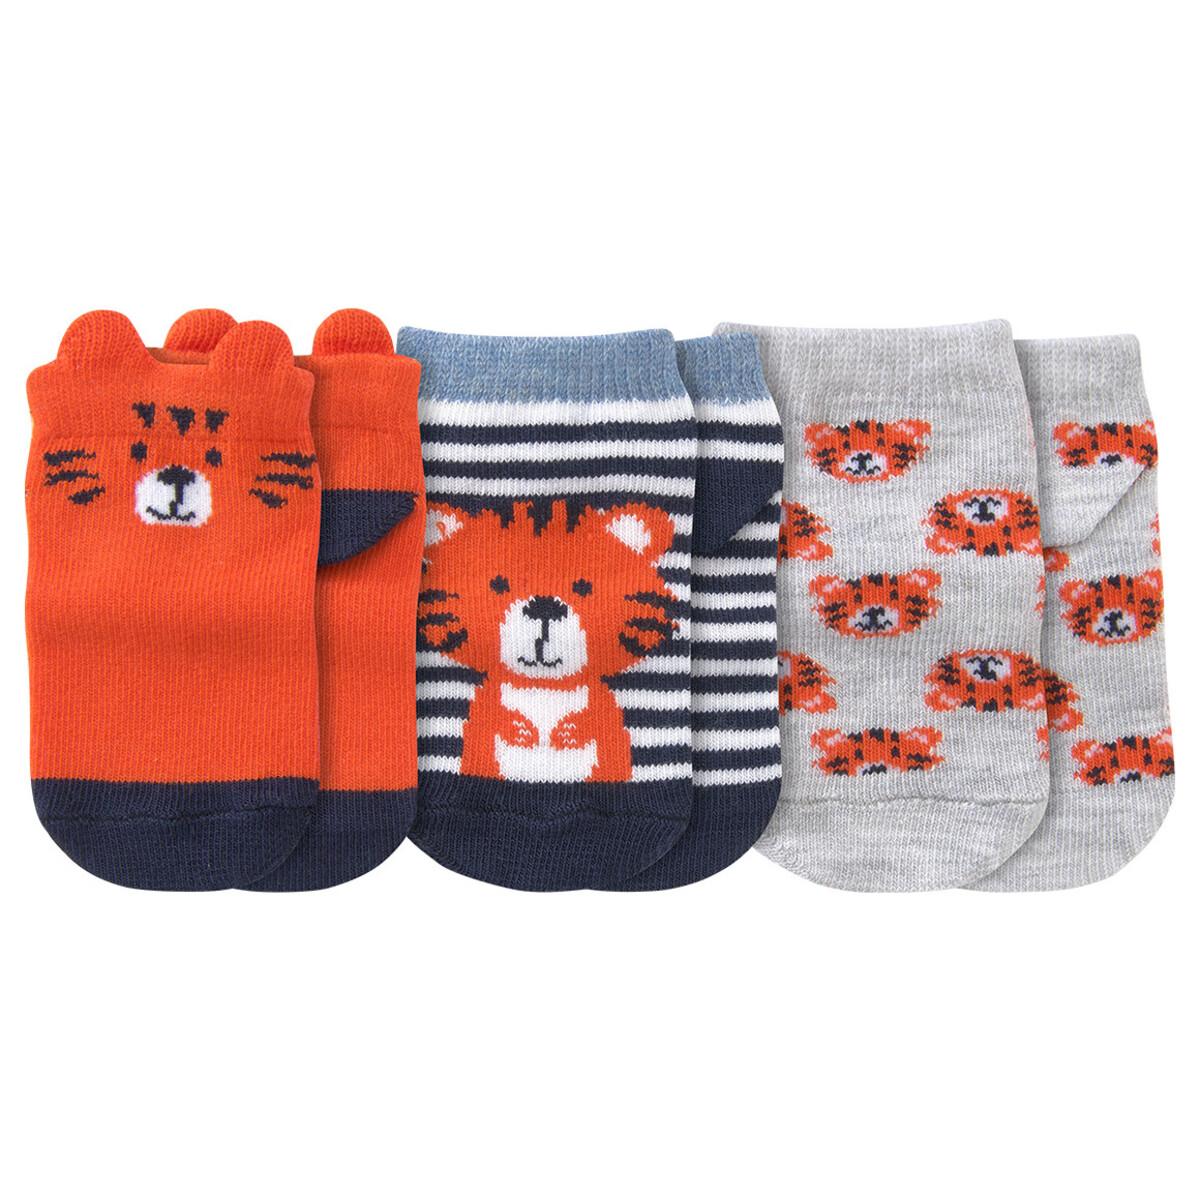 Bild 1 von 3 Paar Baby Sneaker-Socken mit Tiger-Motiv